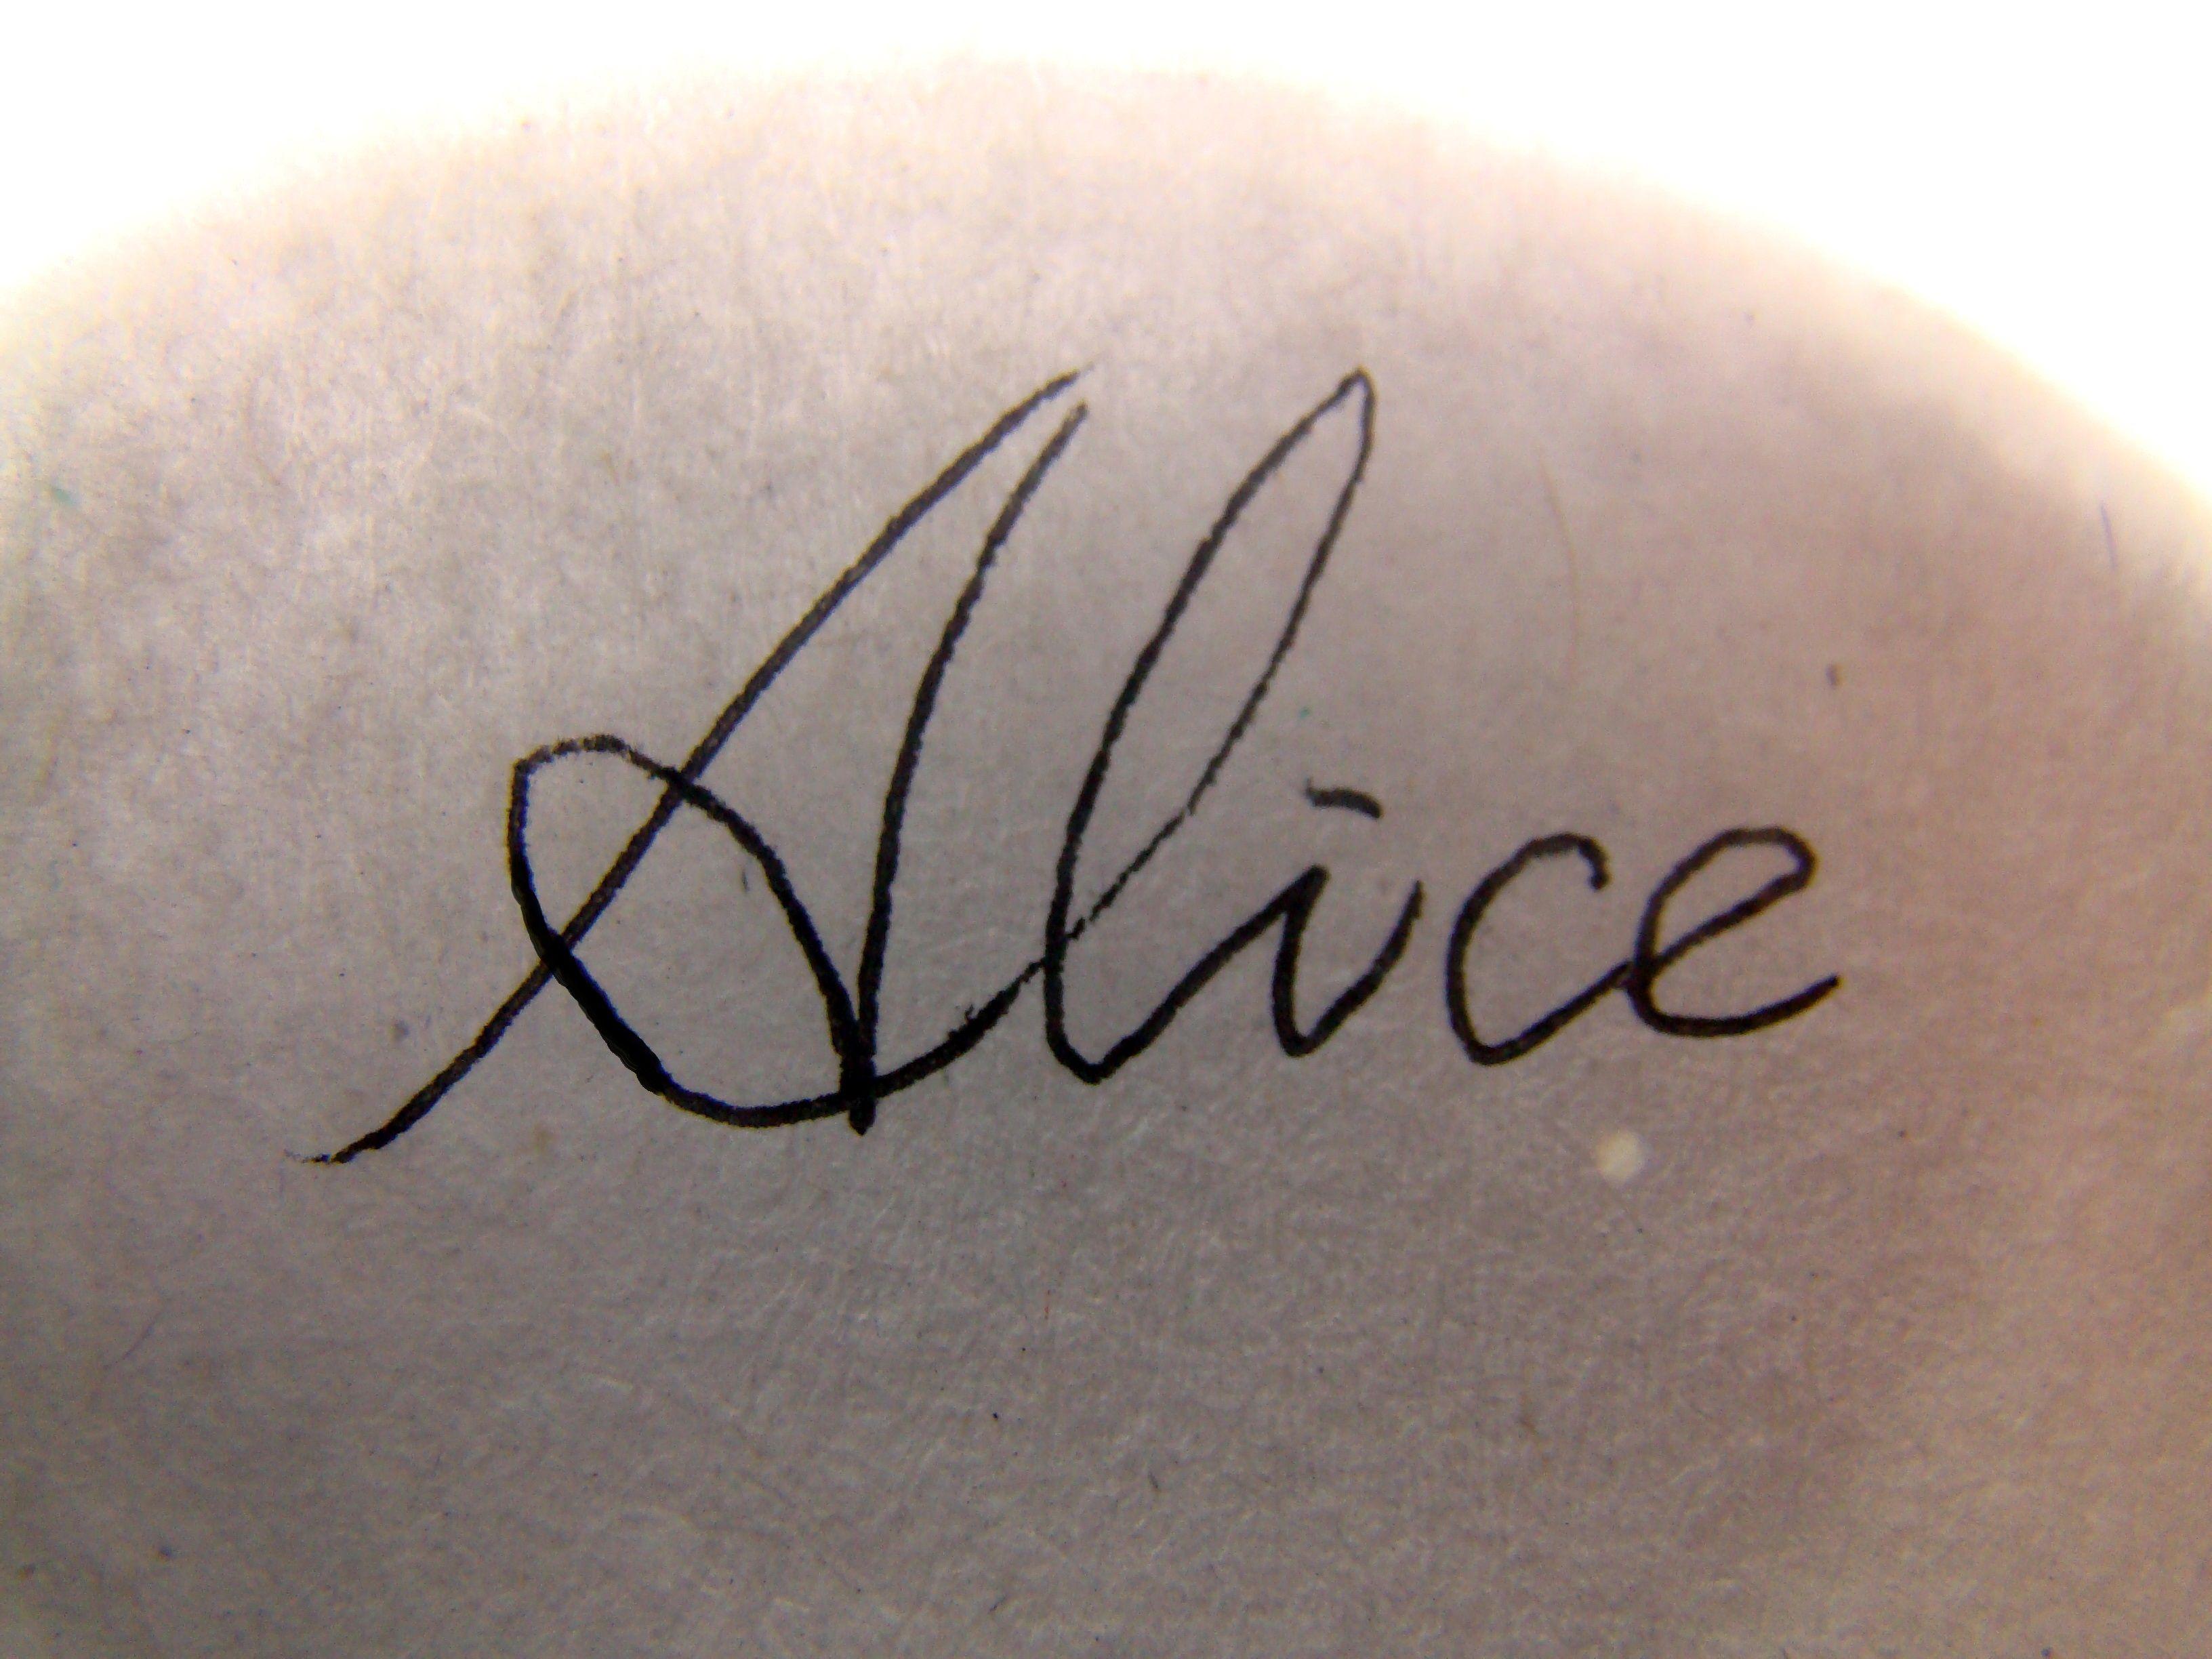 英文名alice怎么写出来最漂亮?图片